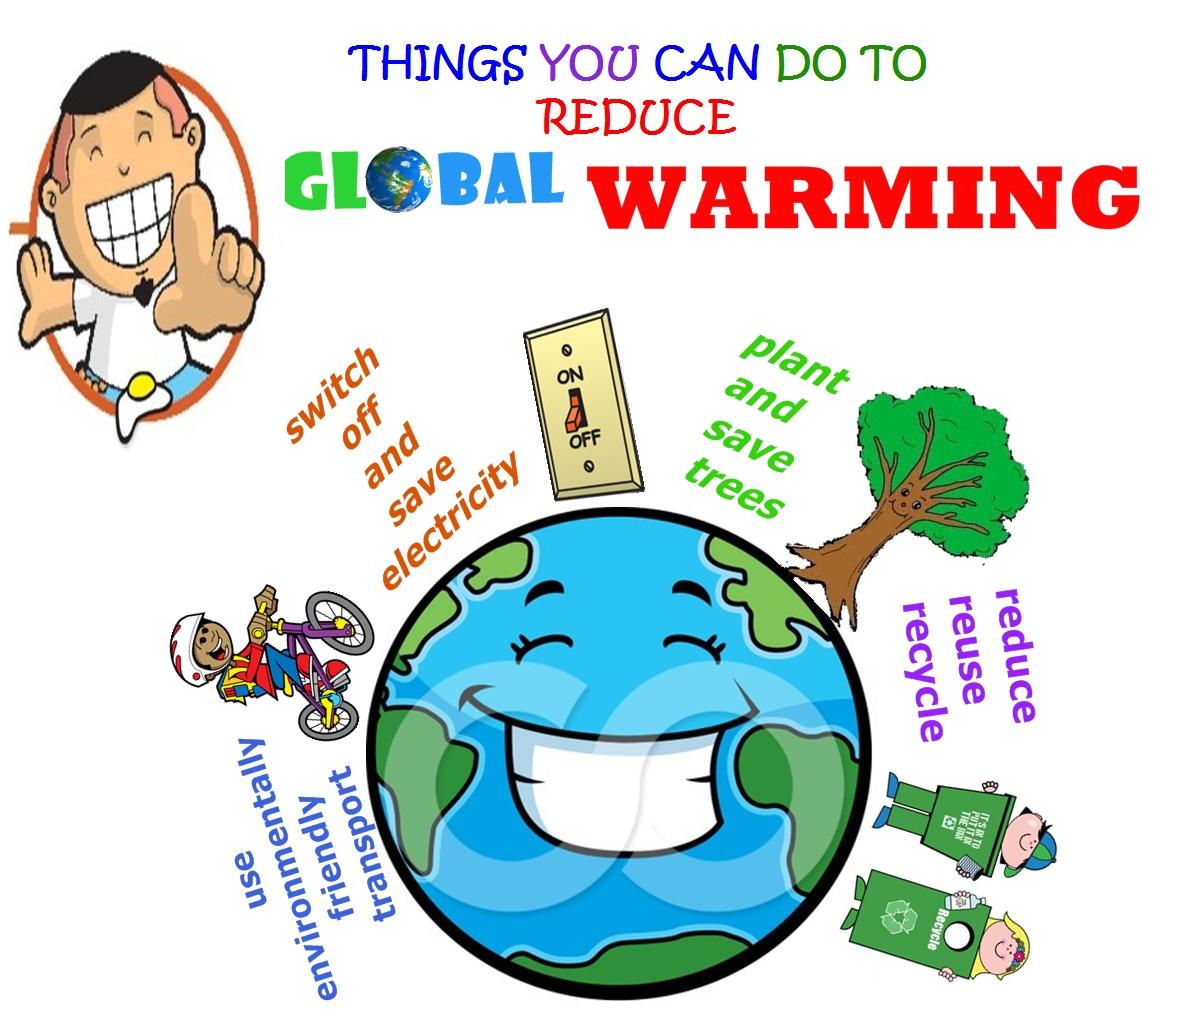 Slogan Tentang Pendidikan Untuk Smp 2013 Pelajaran Bahasa Indonesia Di Jari Kamu Contoh Slogan Dan Poster Kebersihan Lingkungan My Personnal Blog